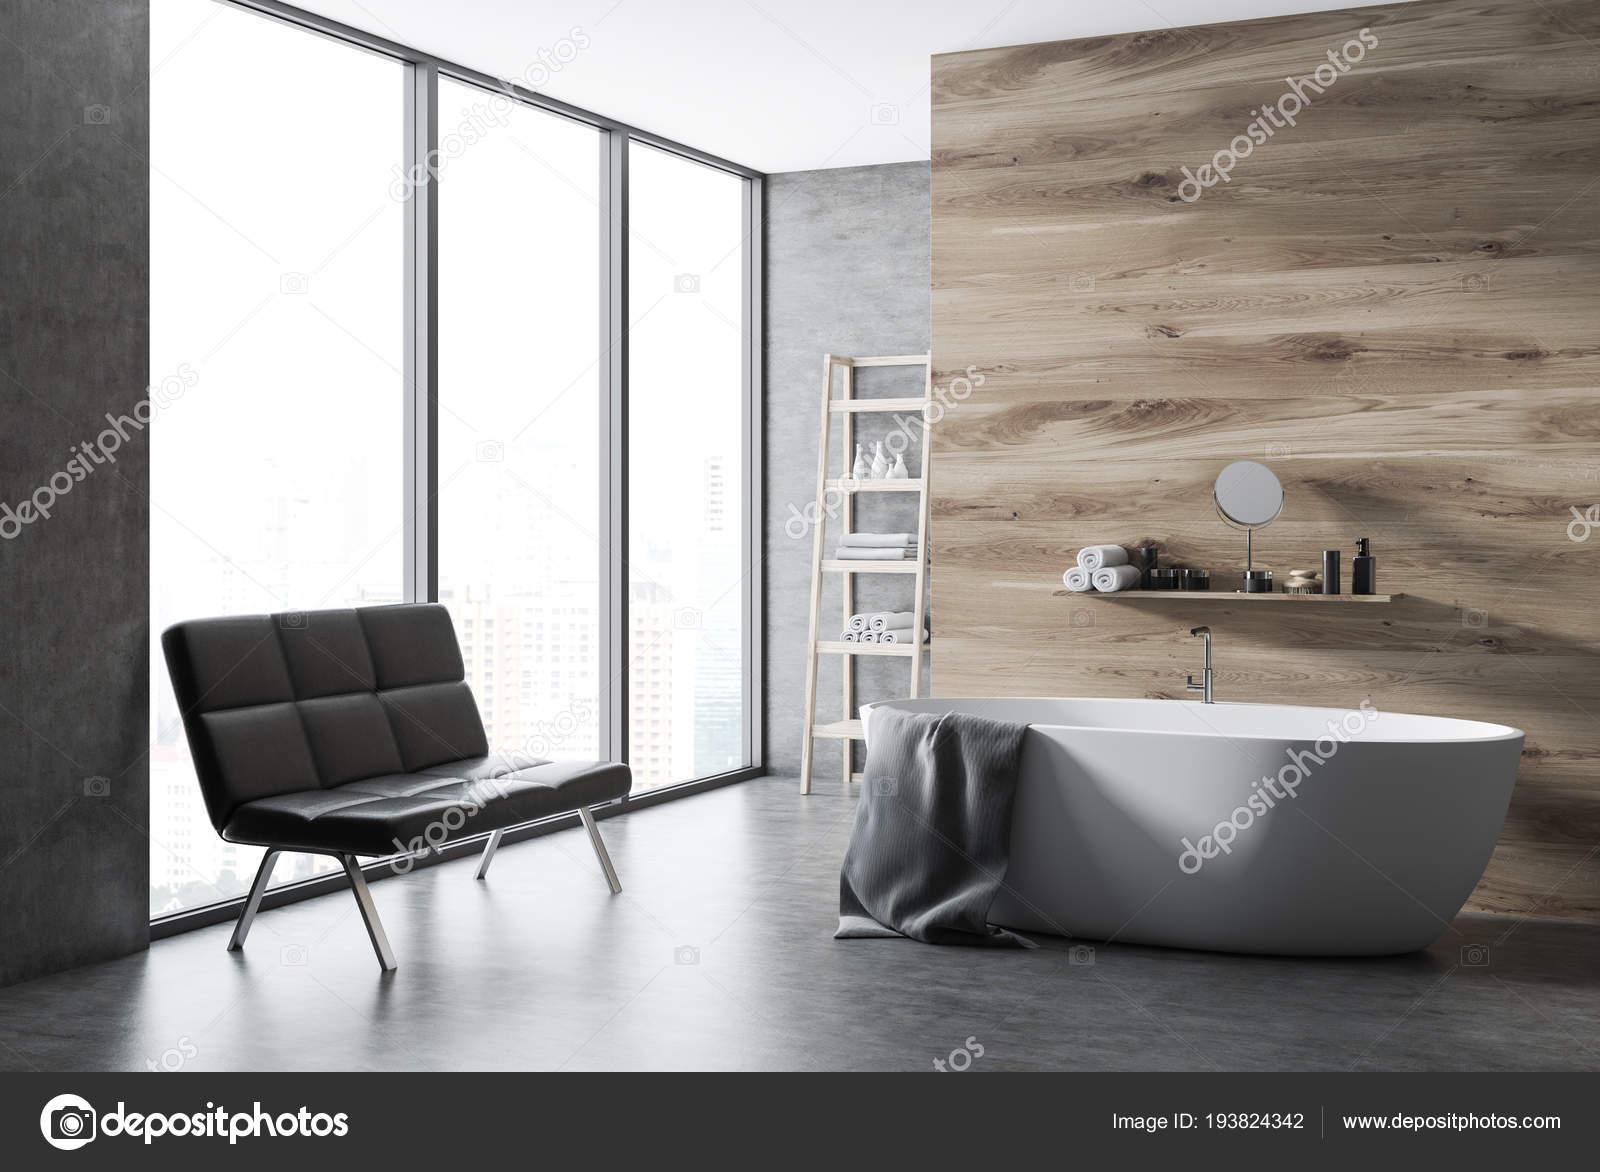 Vasca Da Bagno Divano.Bagno Angolo Parete Legno Con Pavimento Cemento Una Finestra Loft